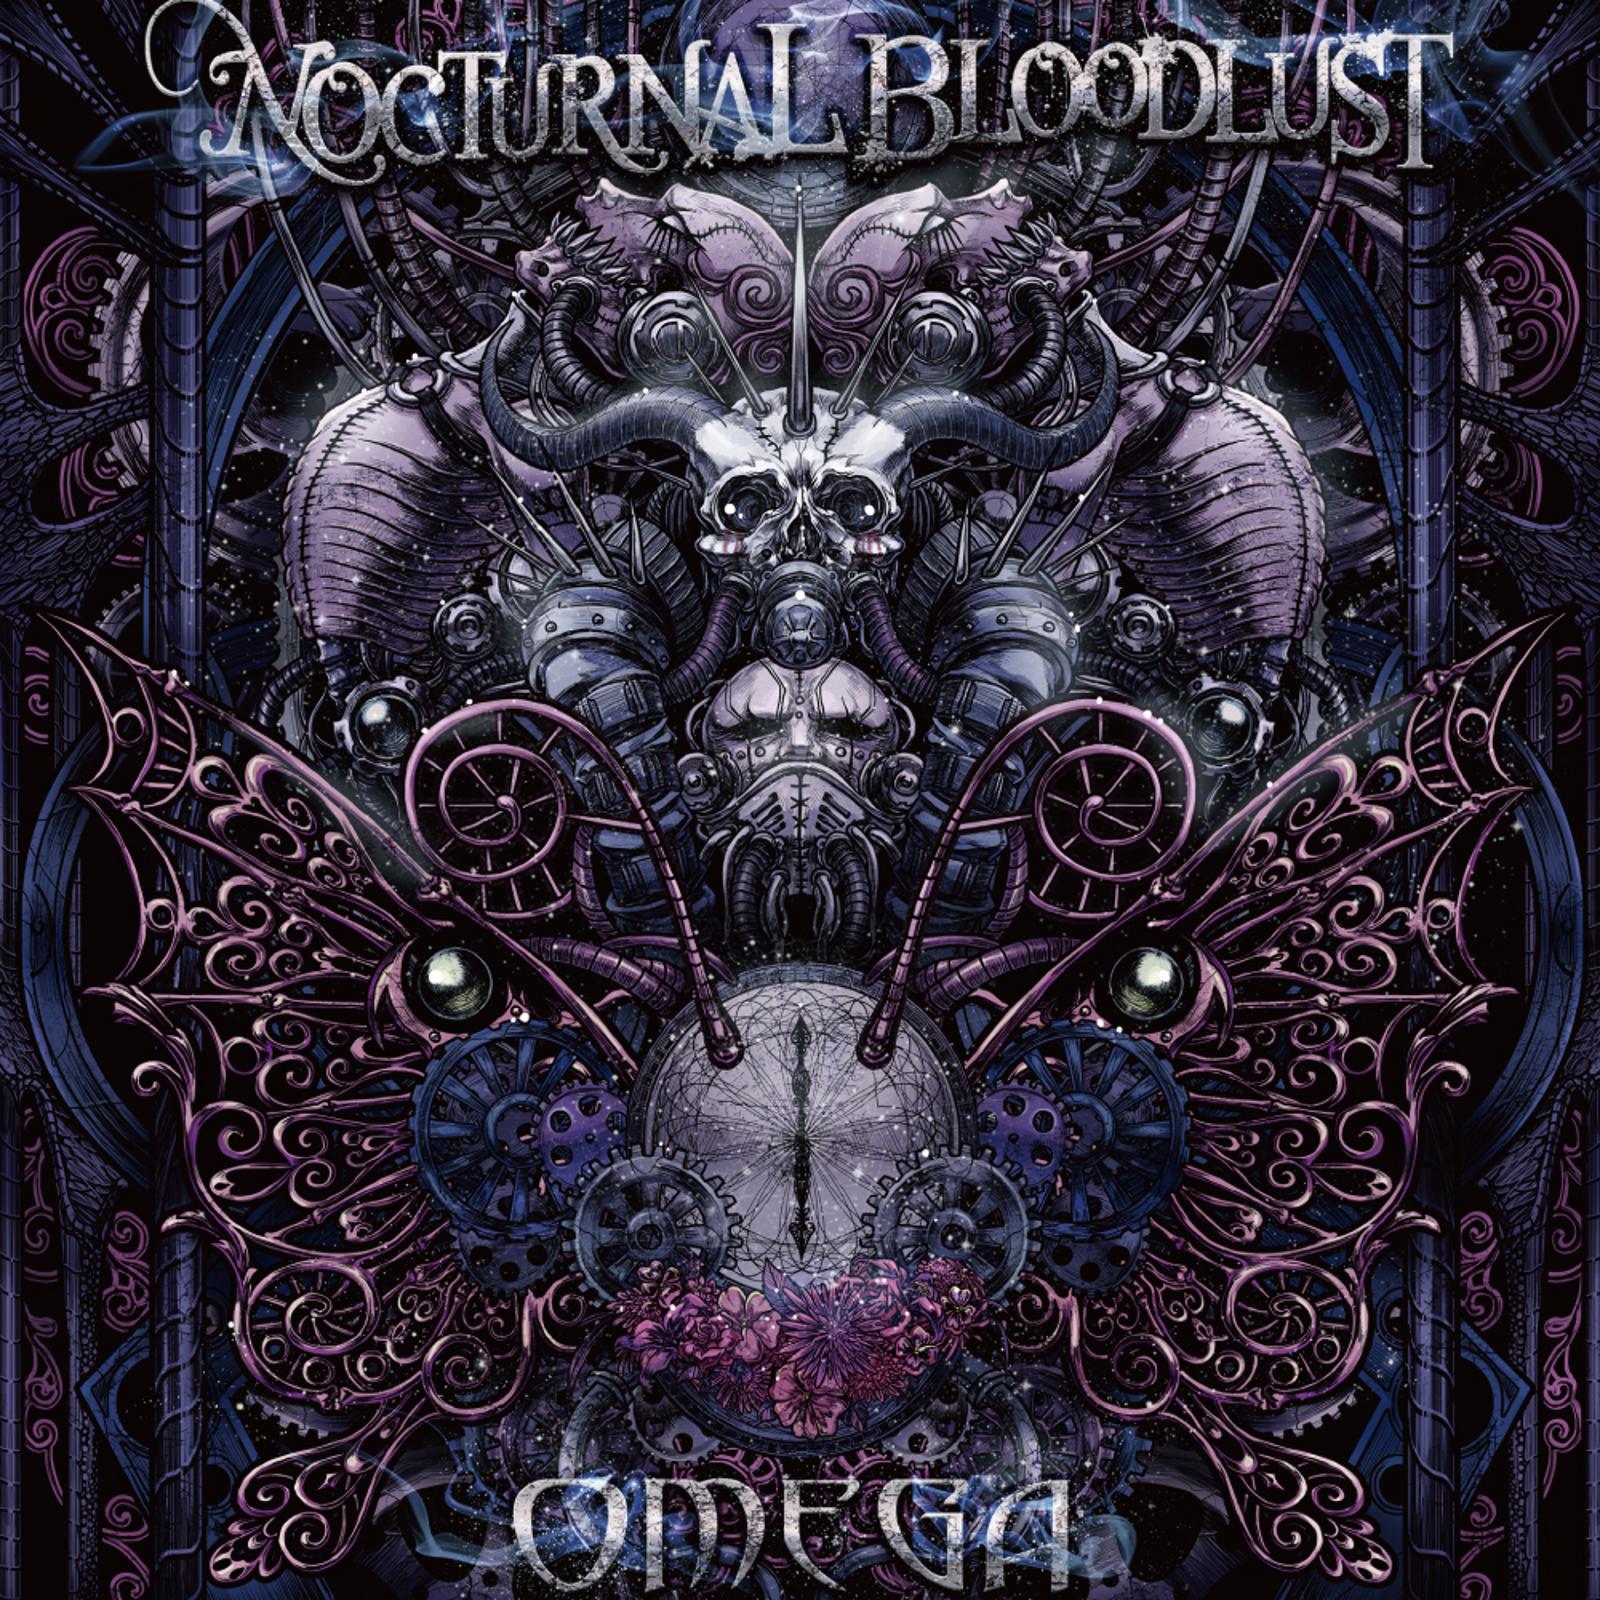 Nocturnal Bloodlust - Omega [EP] (2013)